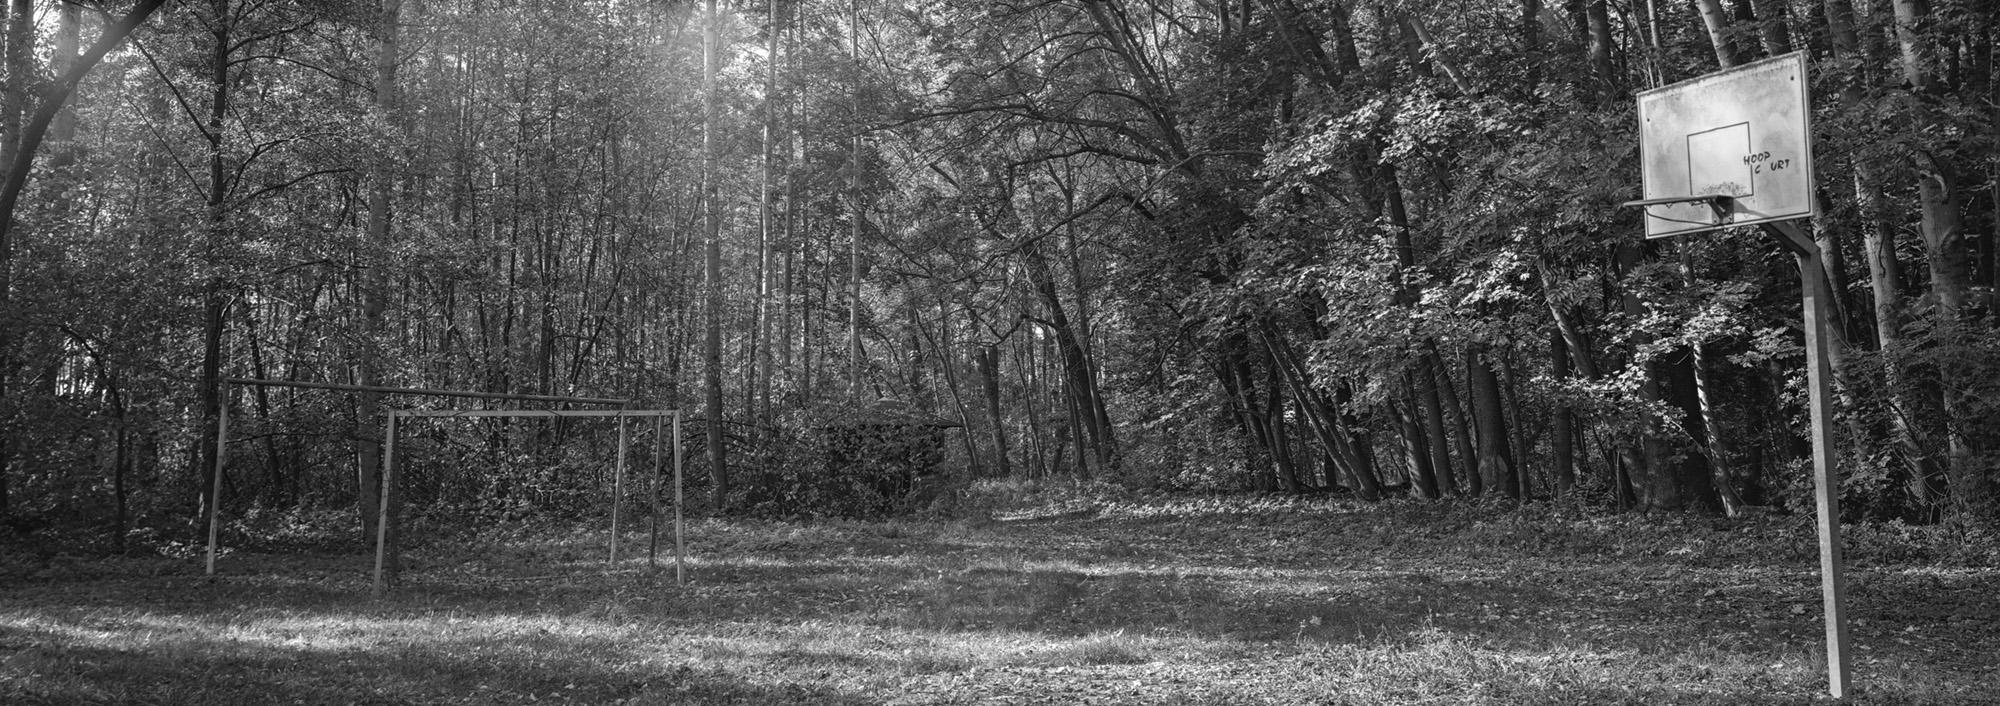 6x17 Panorama Spielplatz im Wald Kleinmoelsen Grossformatkamera analog